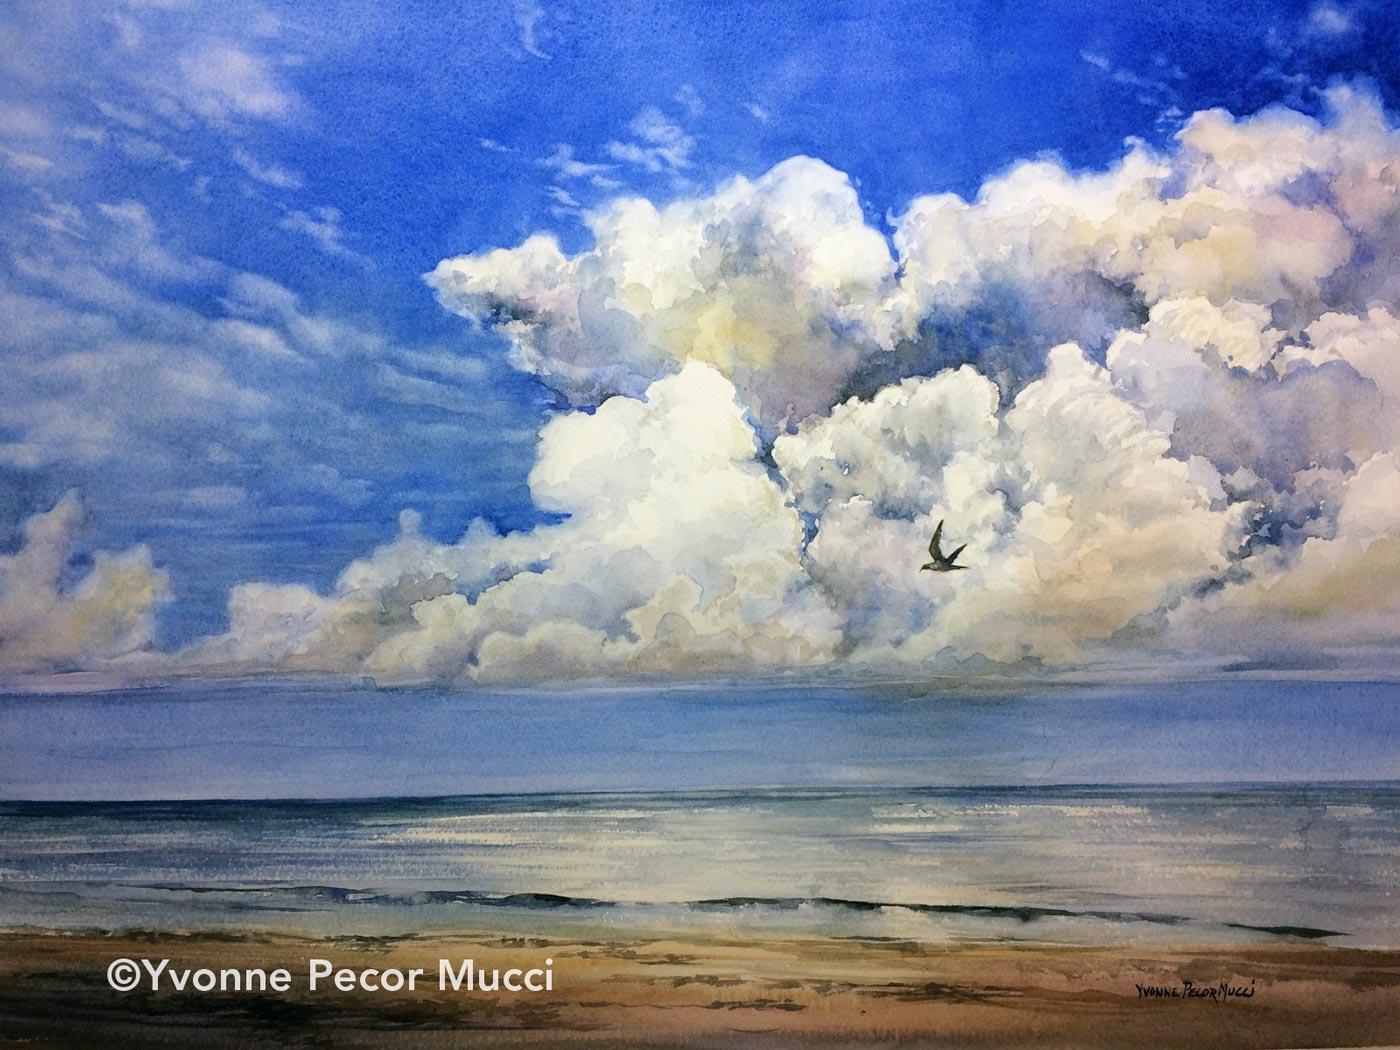 soloflight_mucci_watercolor